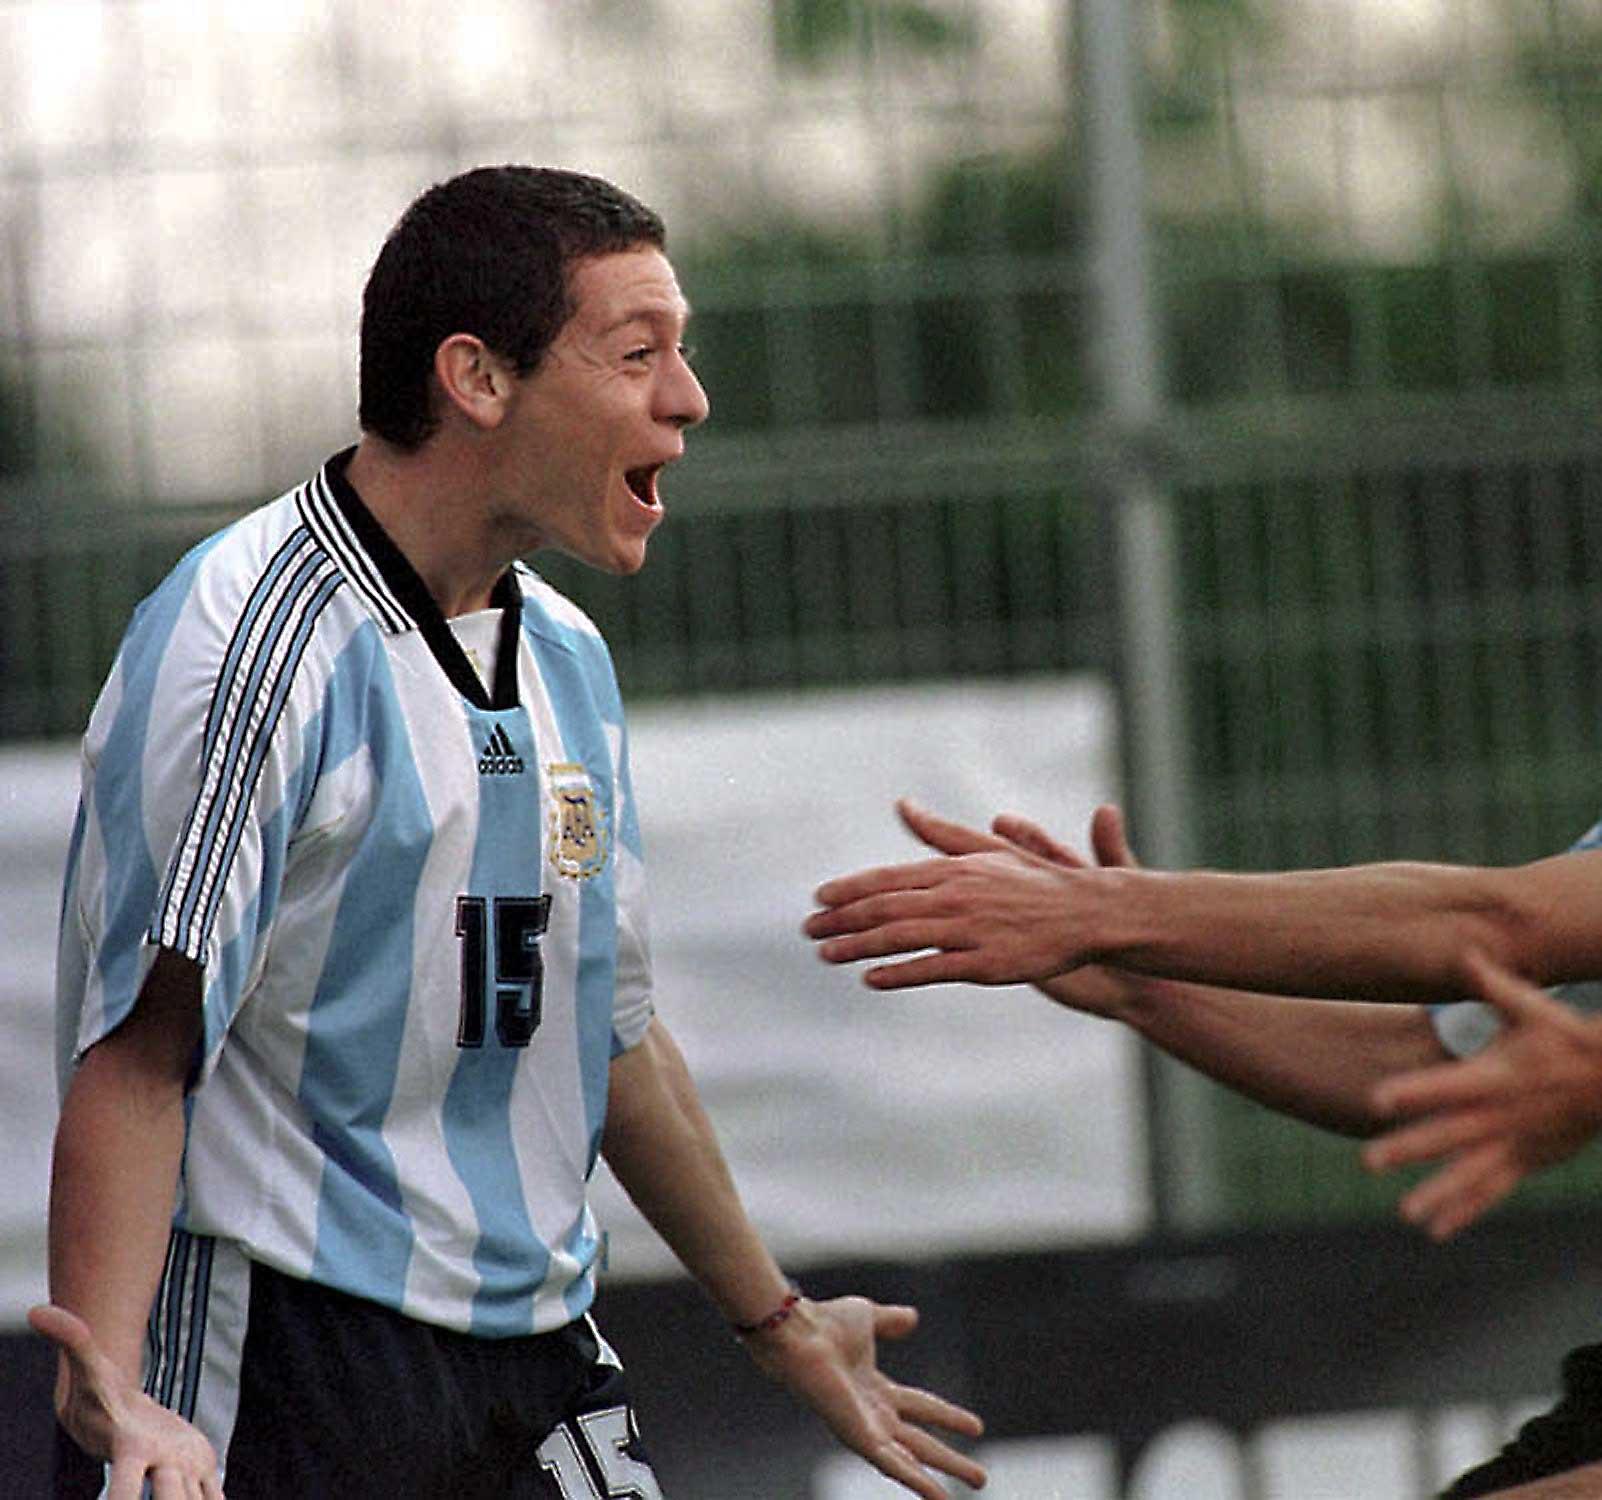 Luciano Galetti, festeja el gol del triunfo de la Selección Argentina frente a XXX en el Mundial Sub XXX el 21 de mayo de 1998. Lorgues, Francia.